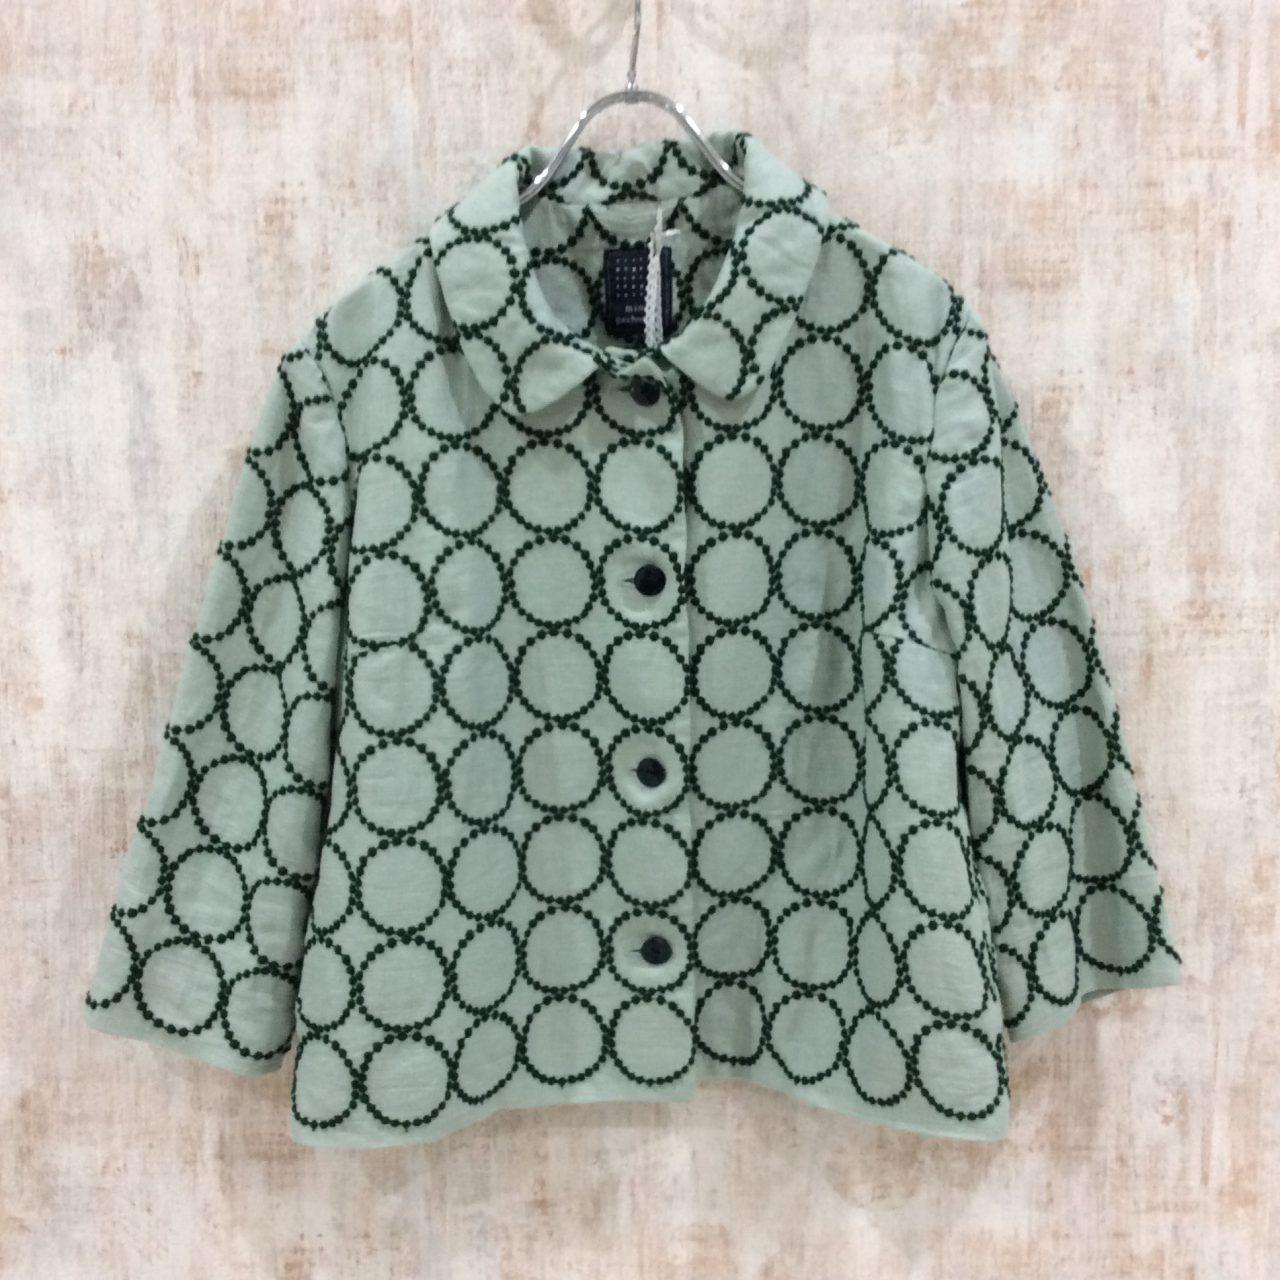 ミナペルホネンの人気テキスタイル「tambourine」のジャケット